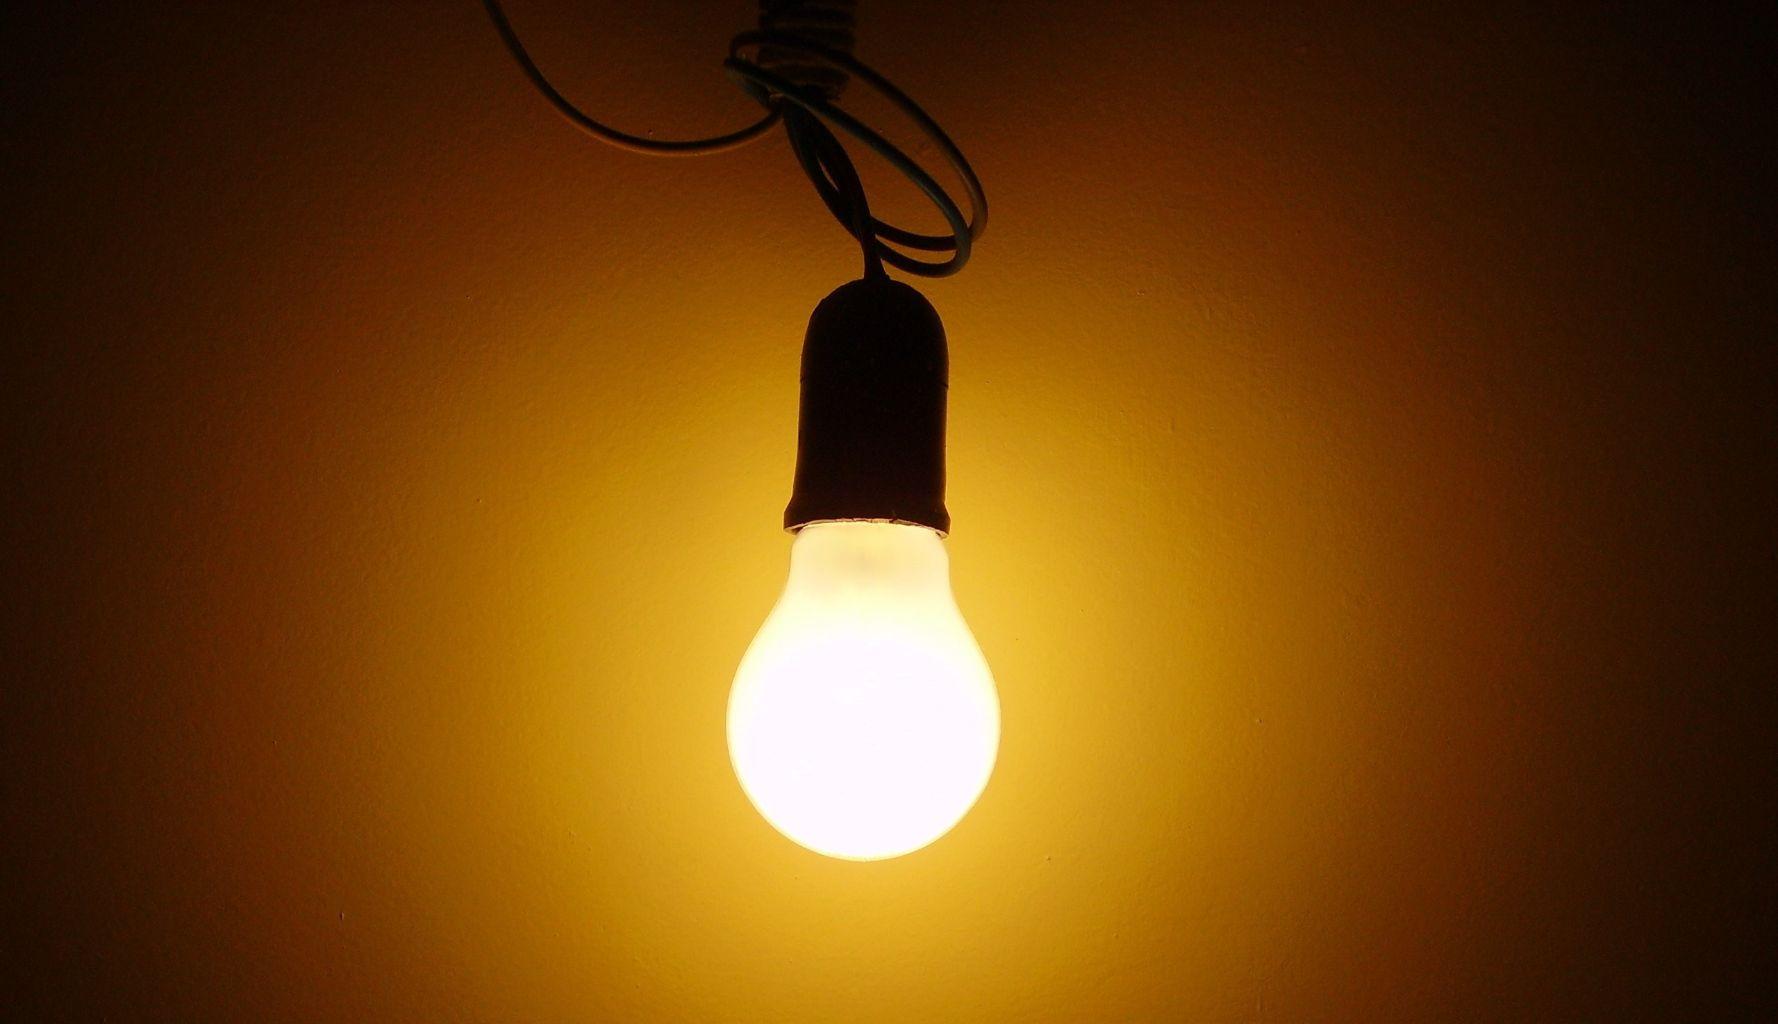 listrik--1414376443